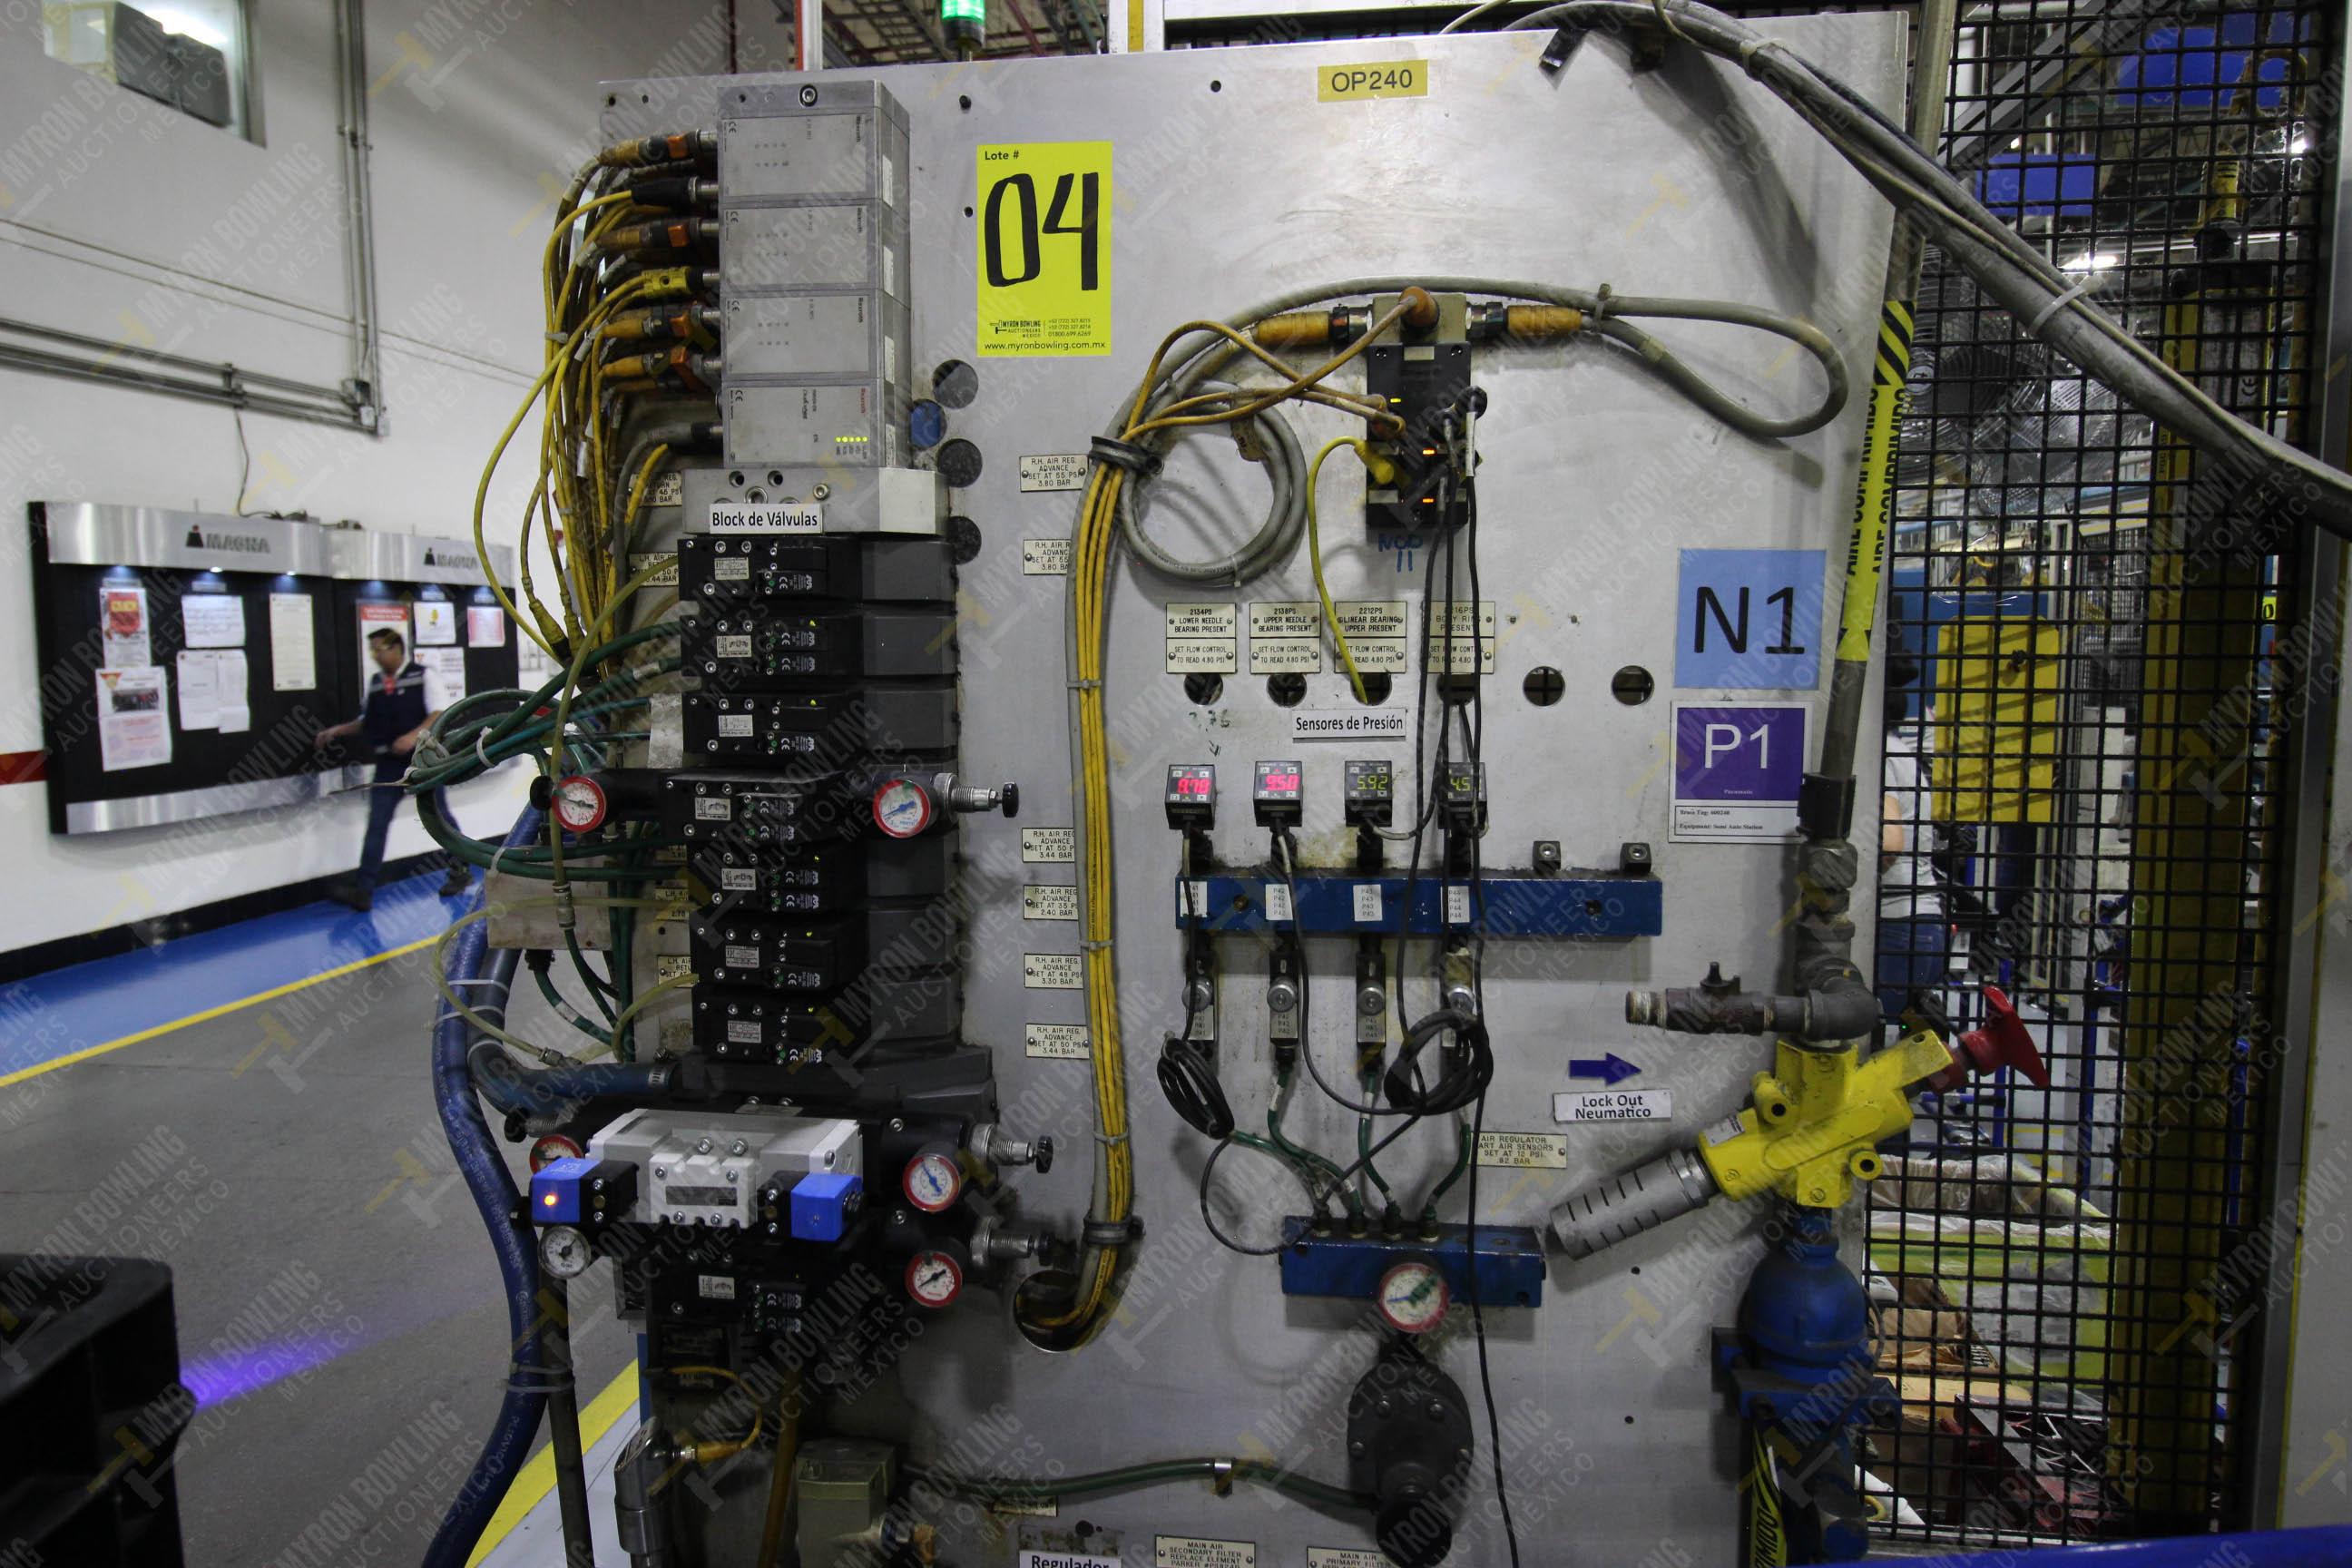 Estación semiautomática para operación 240A de ensamble de balero - Image 11 of 29